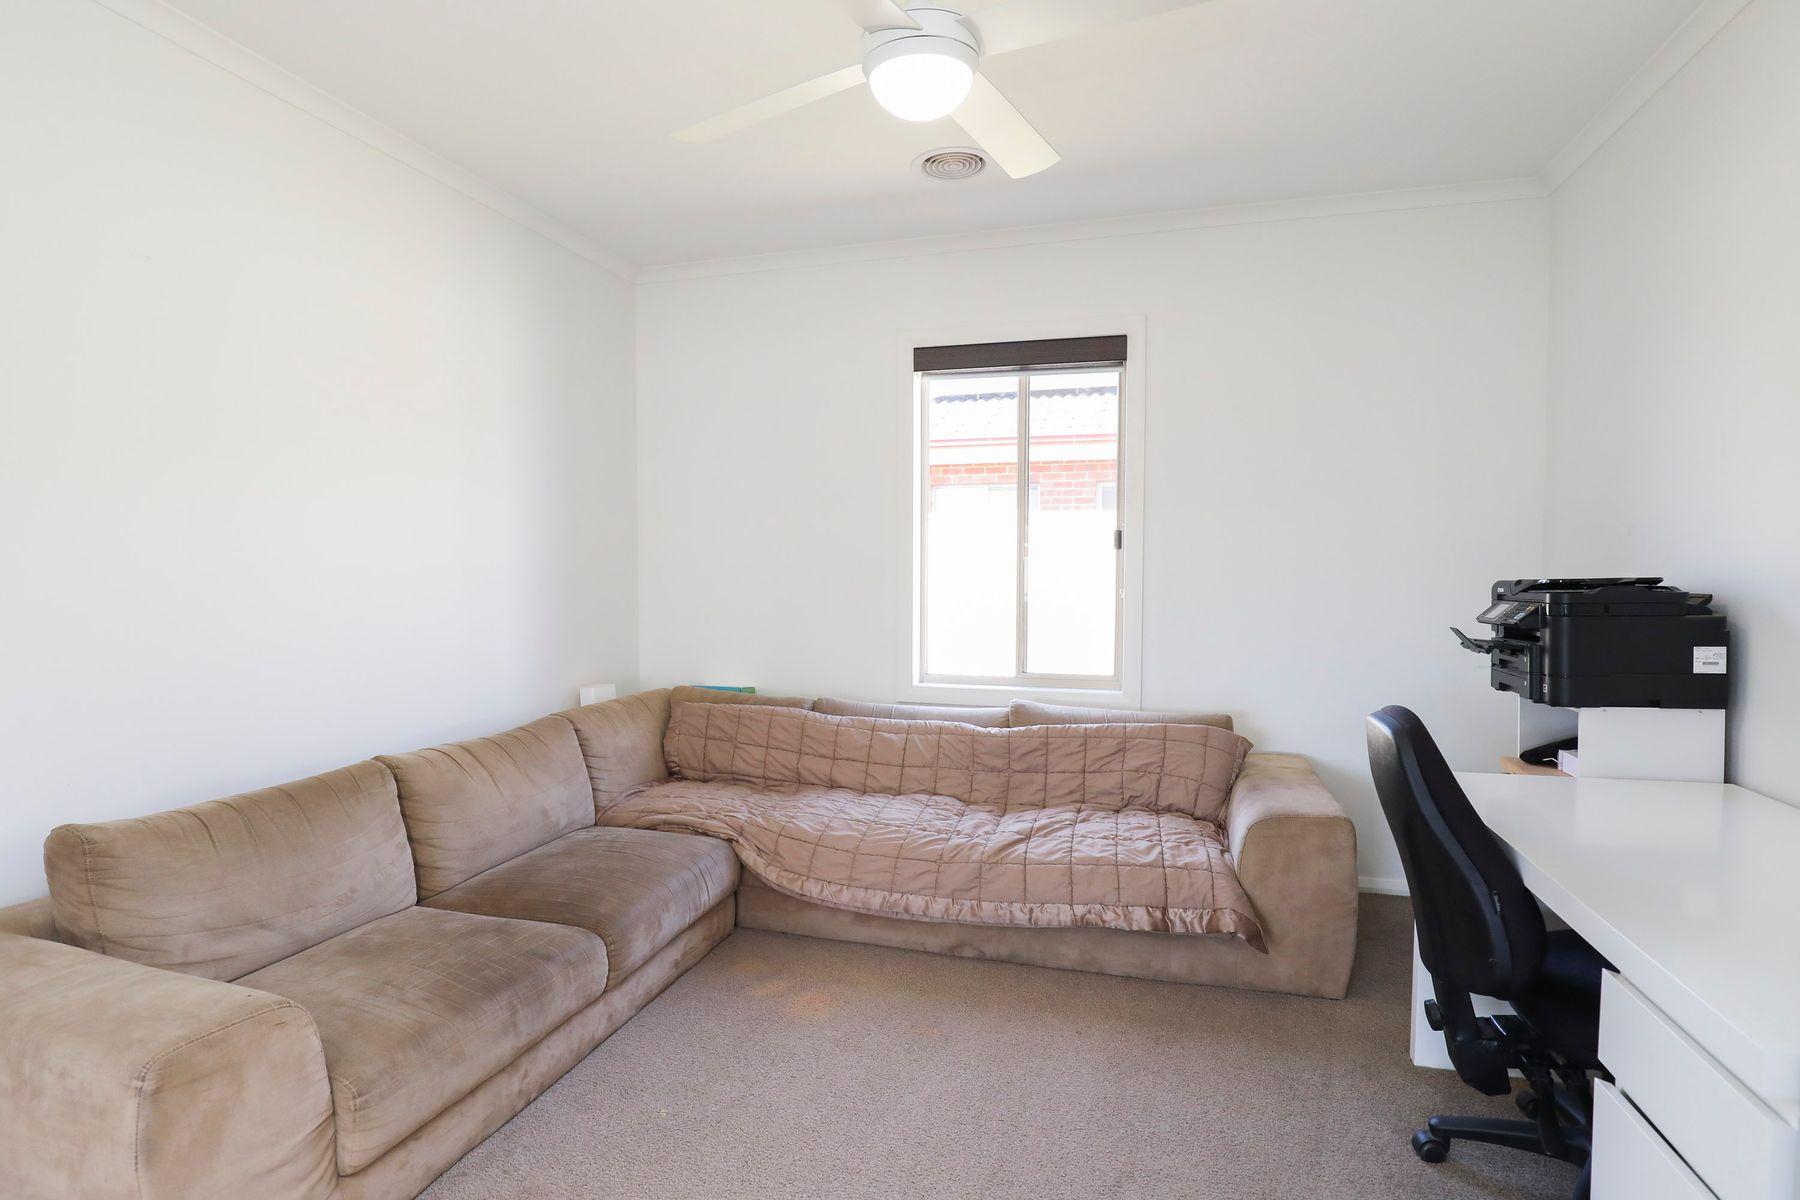 37 Lizlee Drive, Mildura, VIC 3500